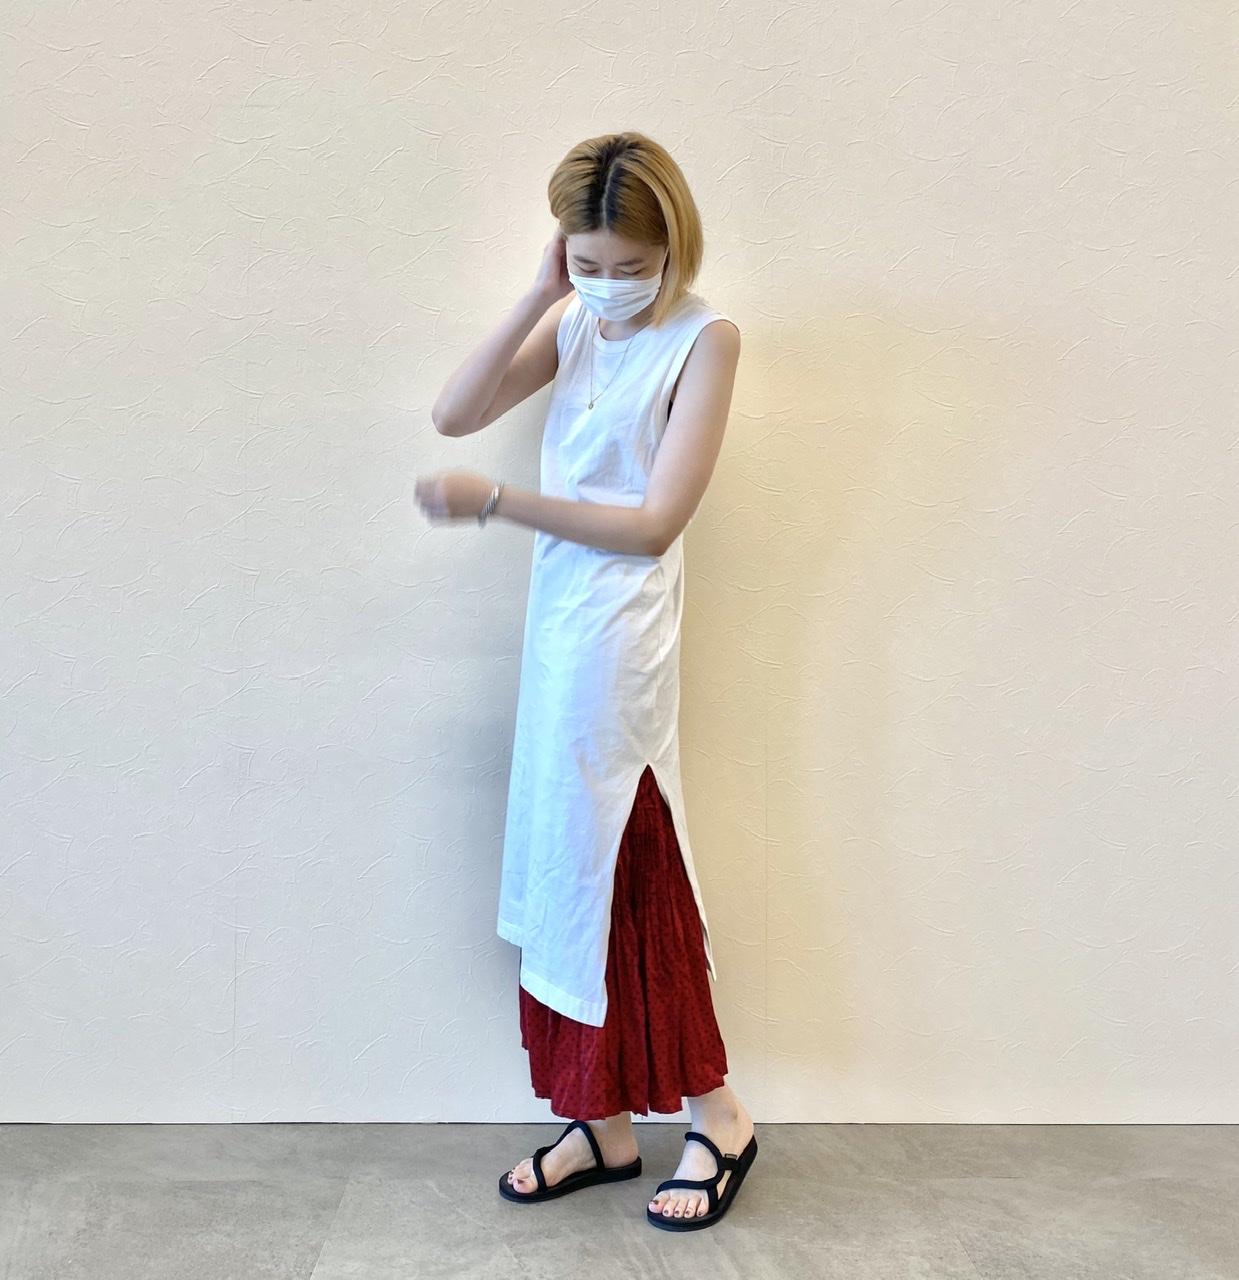 『ユニクロ』の洗えるプリーツが秋も大豊作♬︎ スカート、パンツ、ワンピース、全部着てみました!【2:柄物&ワンピース編】_4